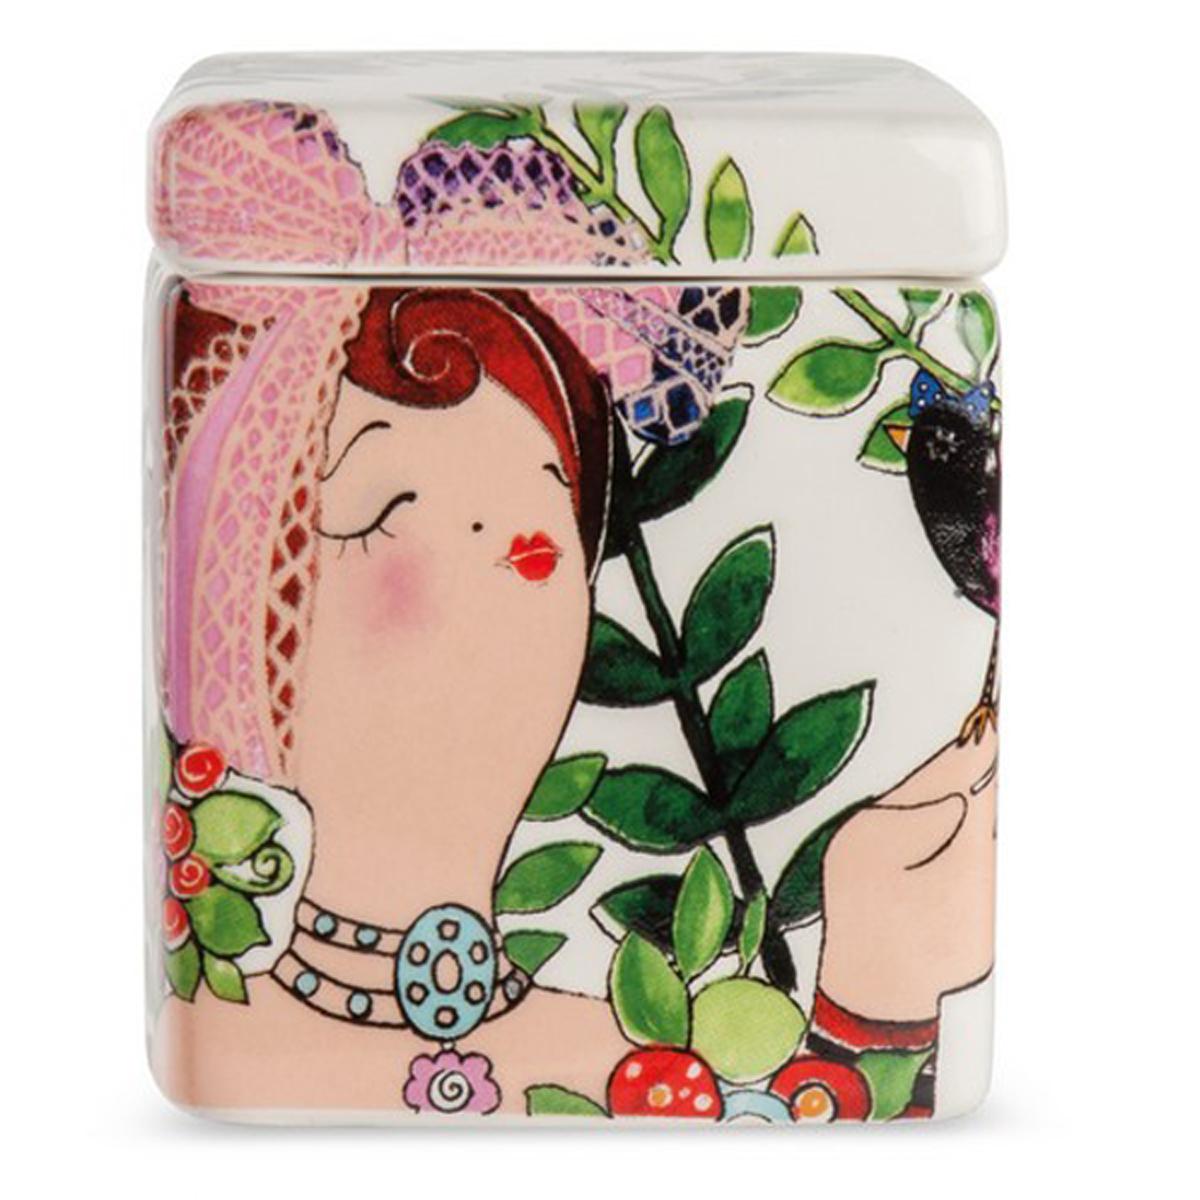 Bougie parfumée céramique \'Pupazze\' blanc multicolore - 8x6x6 cm - [A2251]